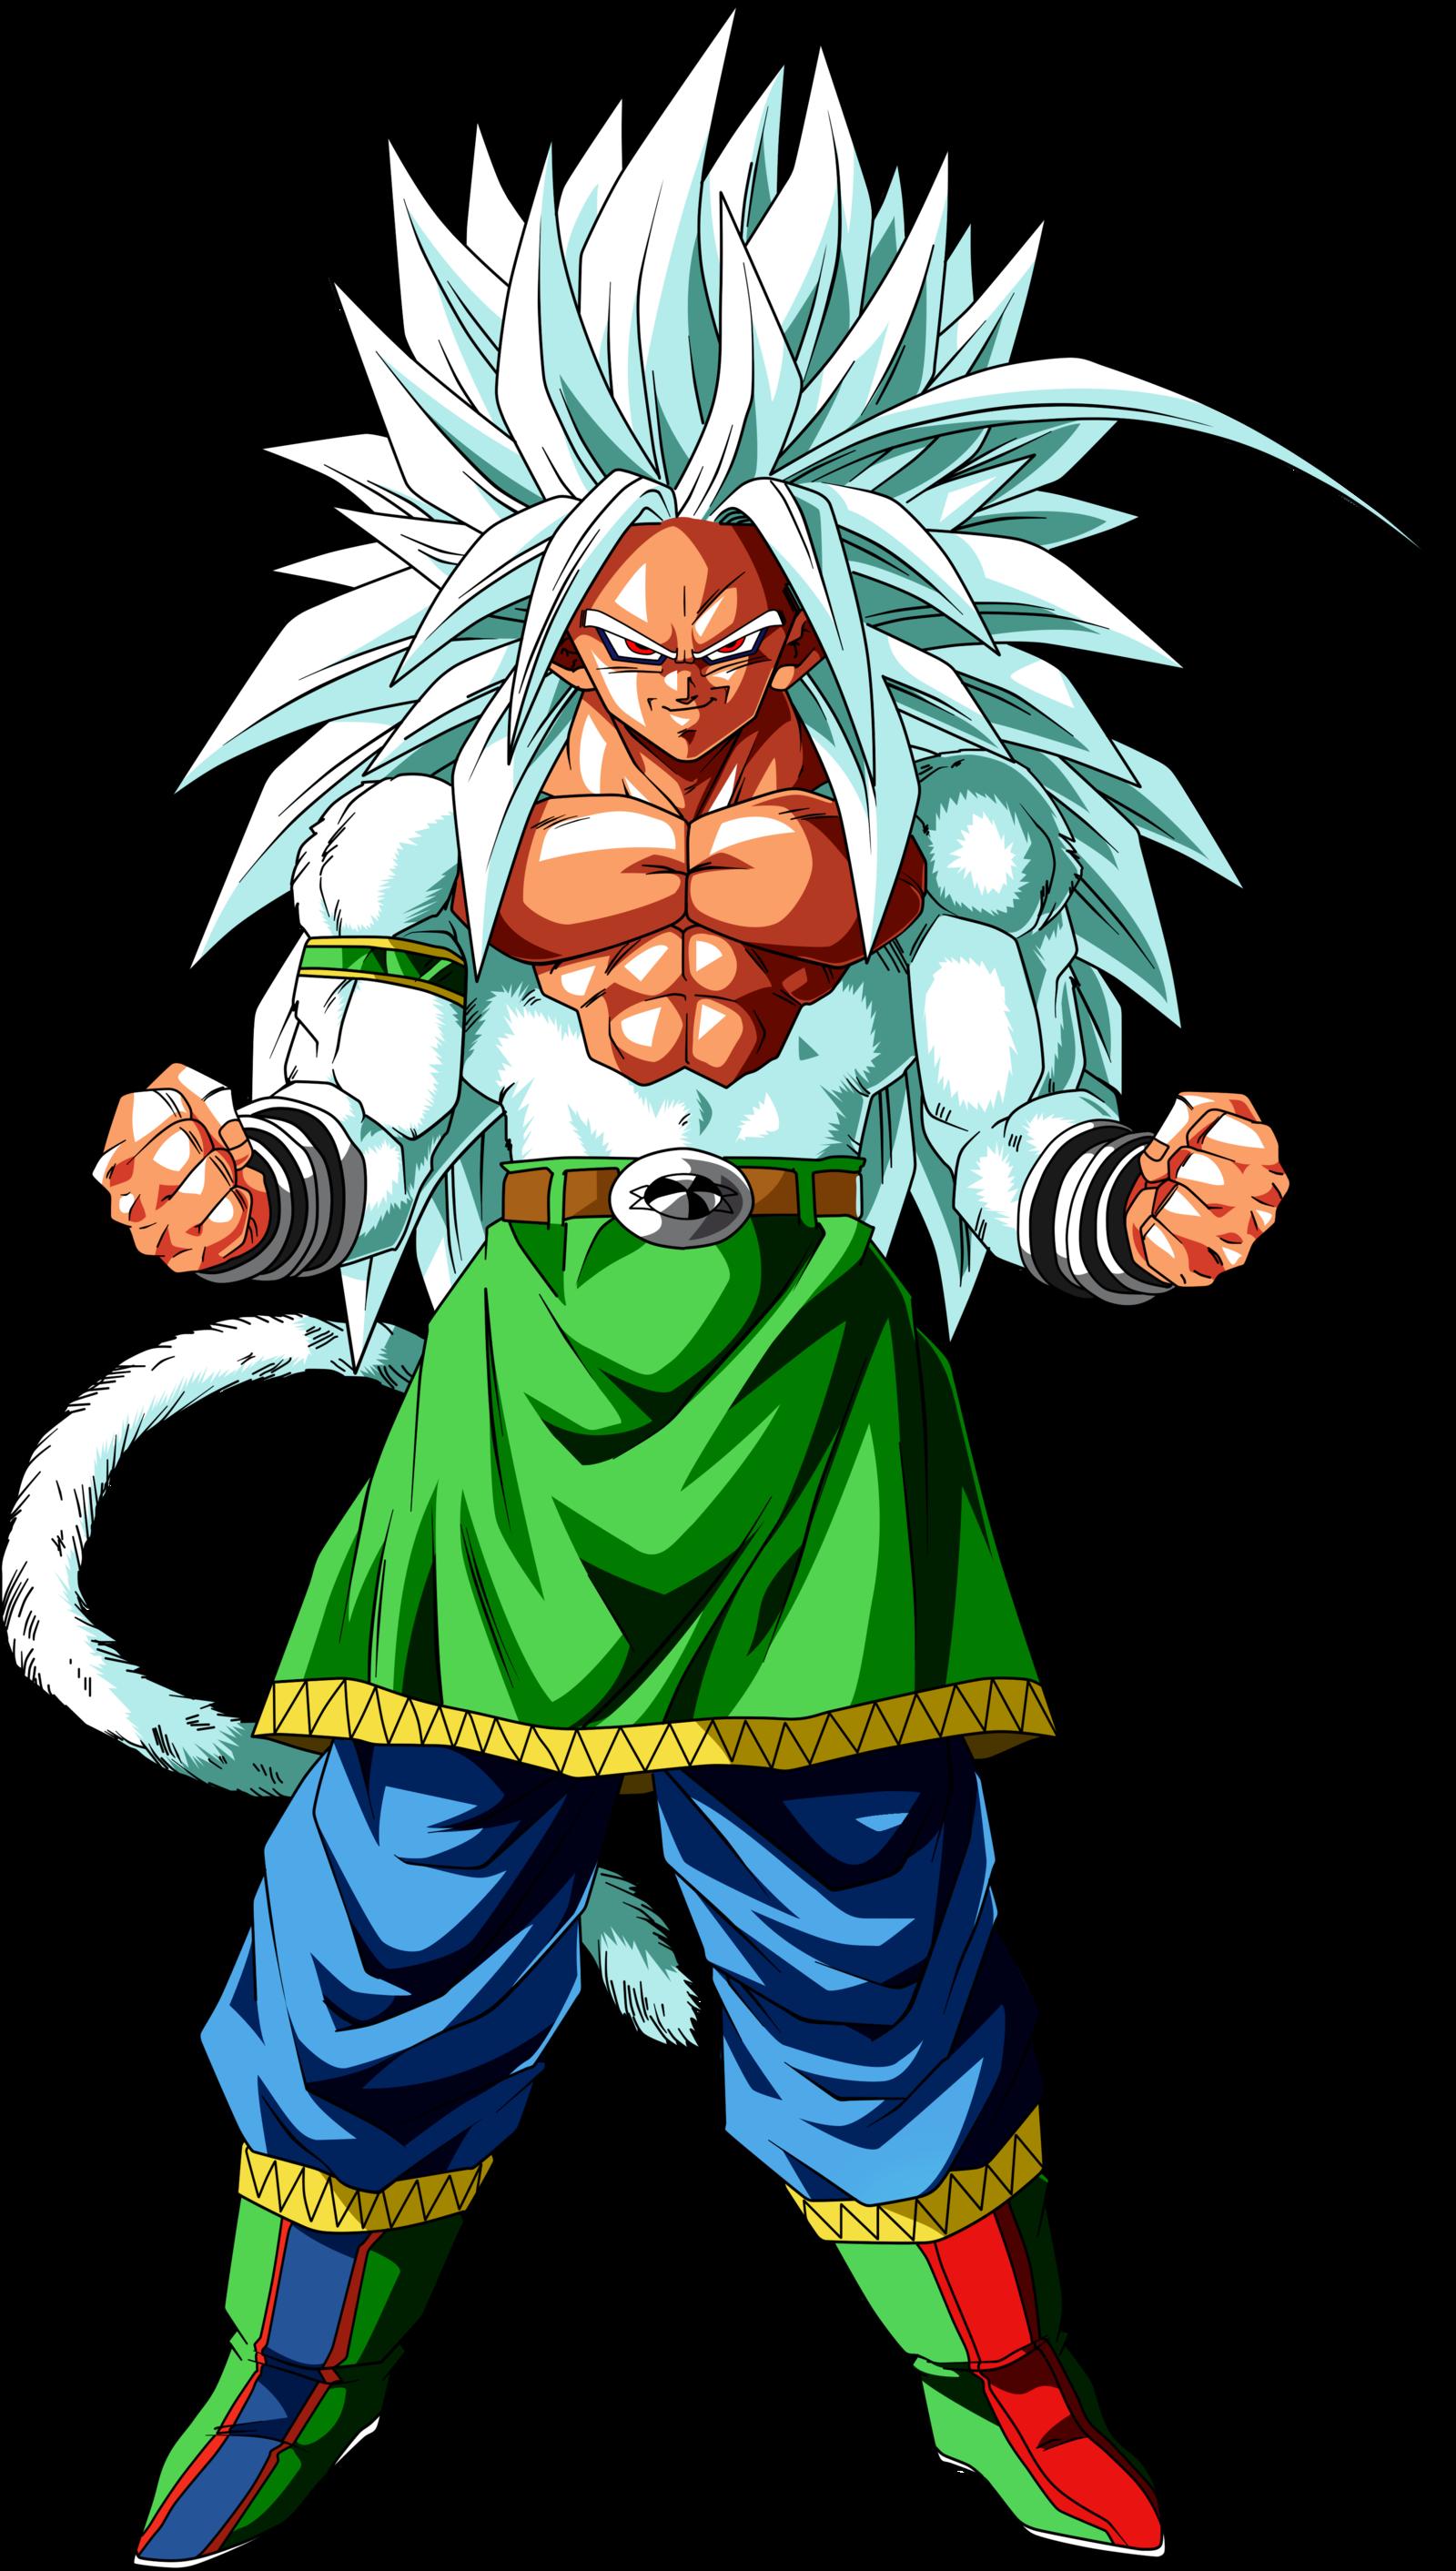 Goku Super Saiyan 5 Google Search Visit Now For 3d Dragon Ball Z